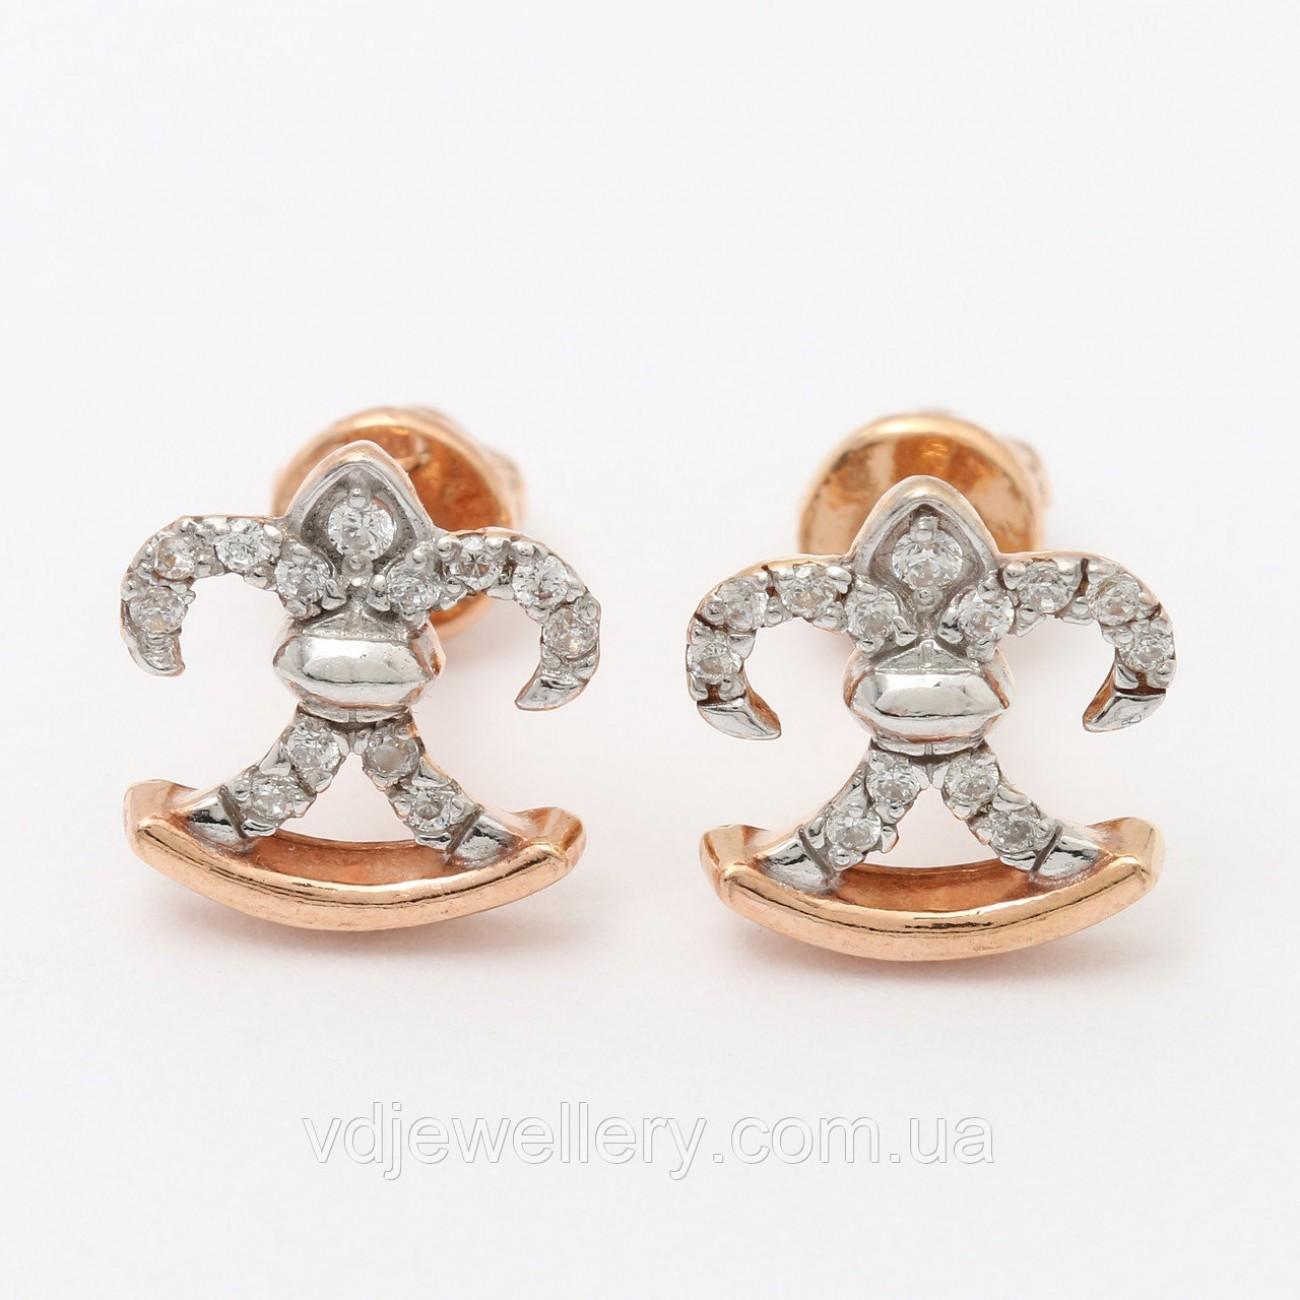 Серебряные позолоченные серьги СЖХ-167